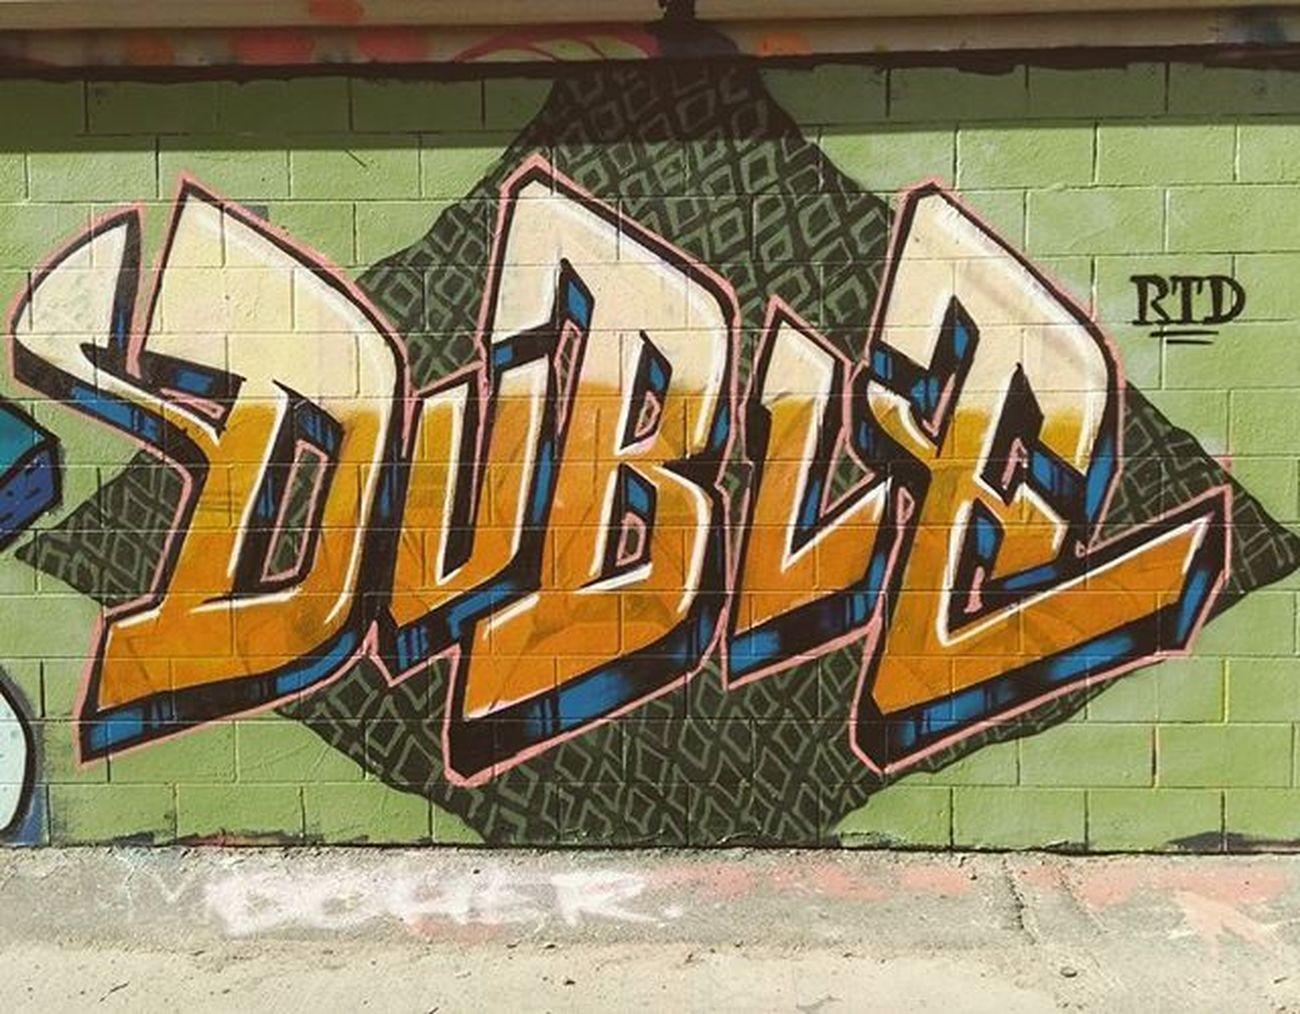 Graffitiporn Graffhunter Graffiti Denvergraffiti Duble RTD Rebelstilldeath